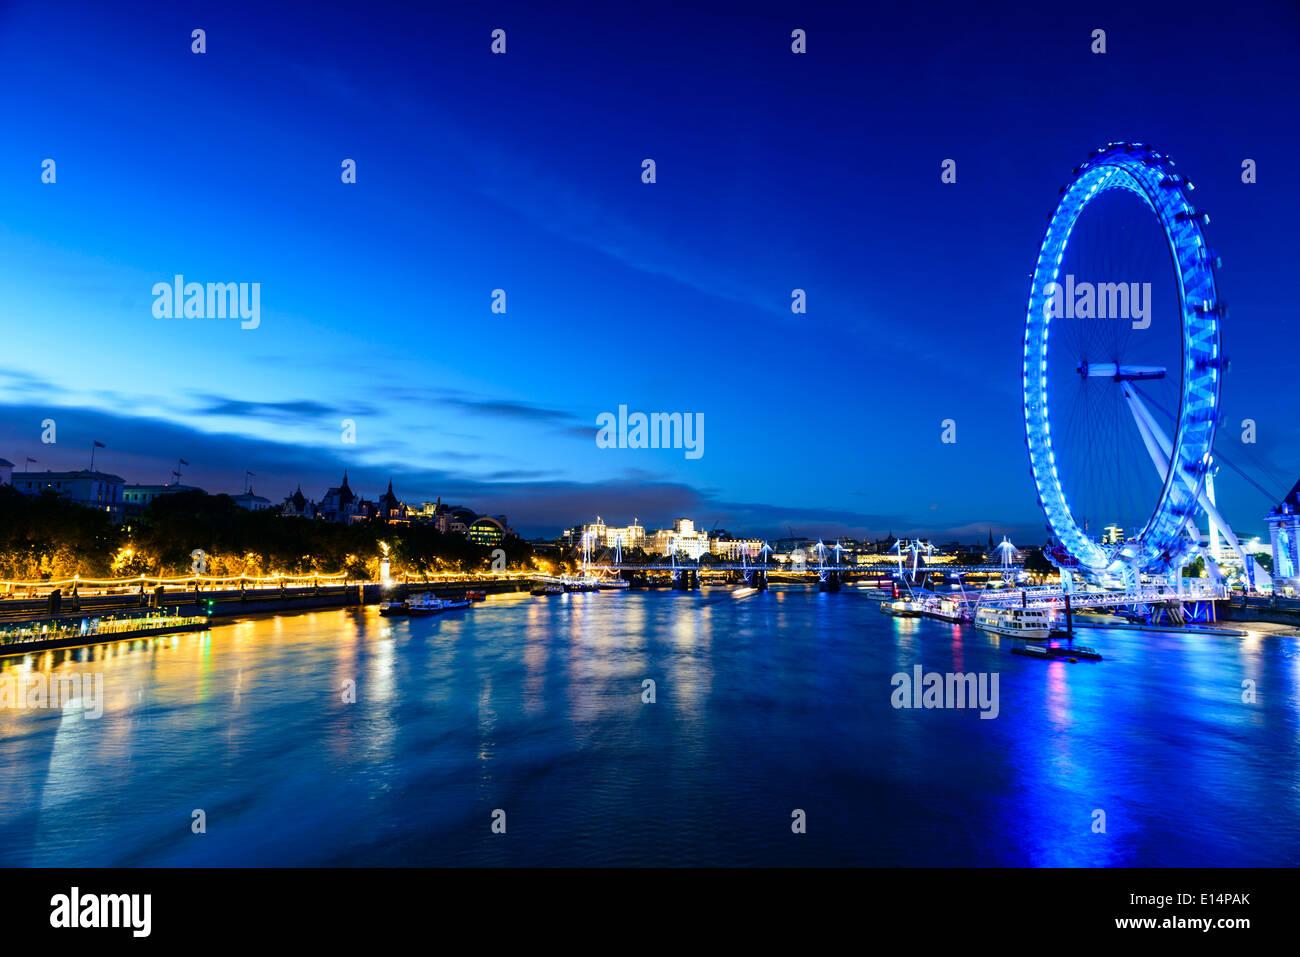 Mit Blick auf Flussfront London Eye, London, Vereinigtes Königreich Stockbild